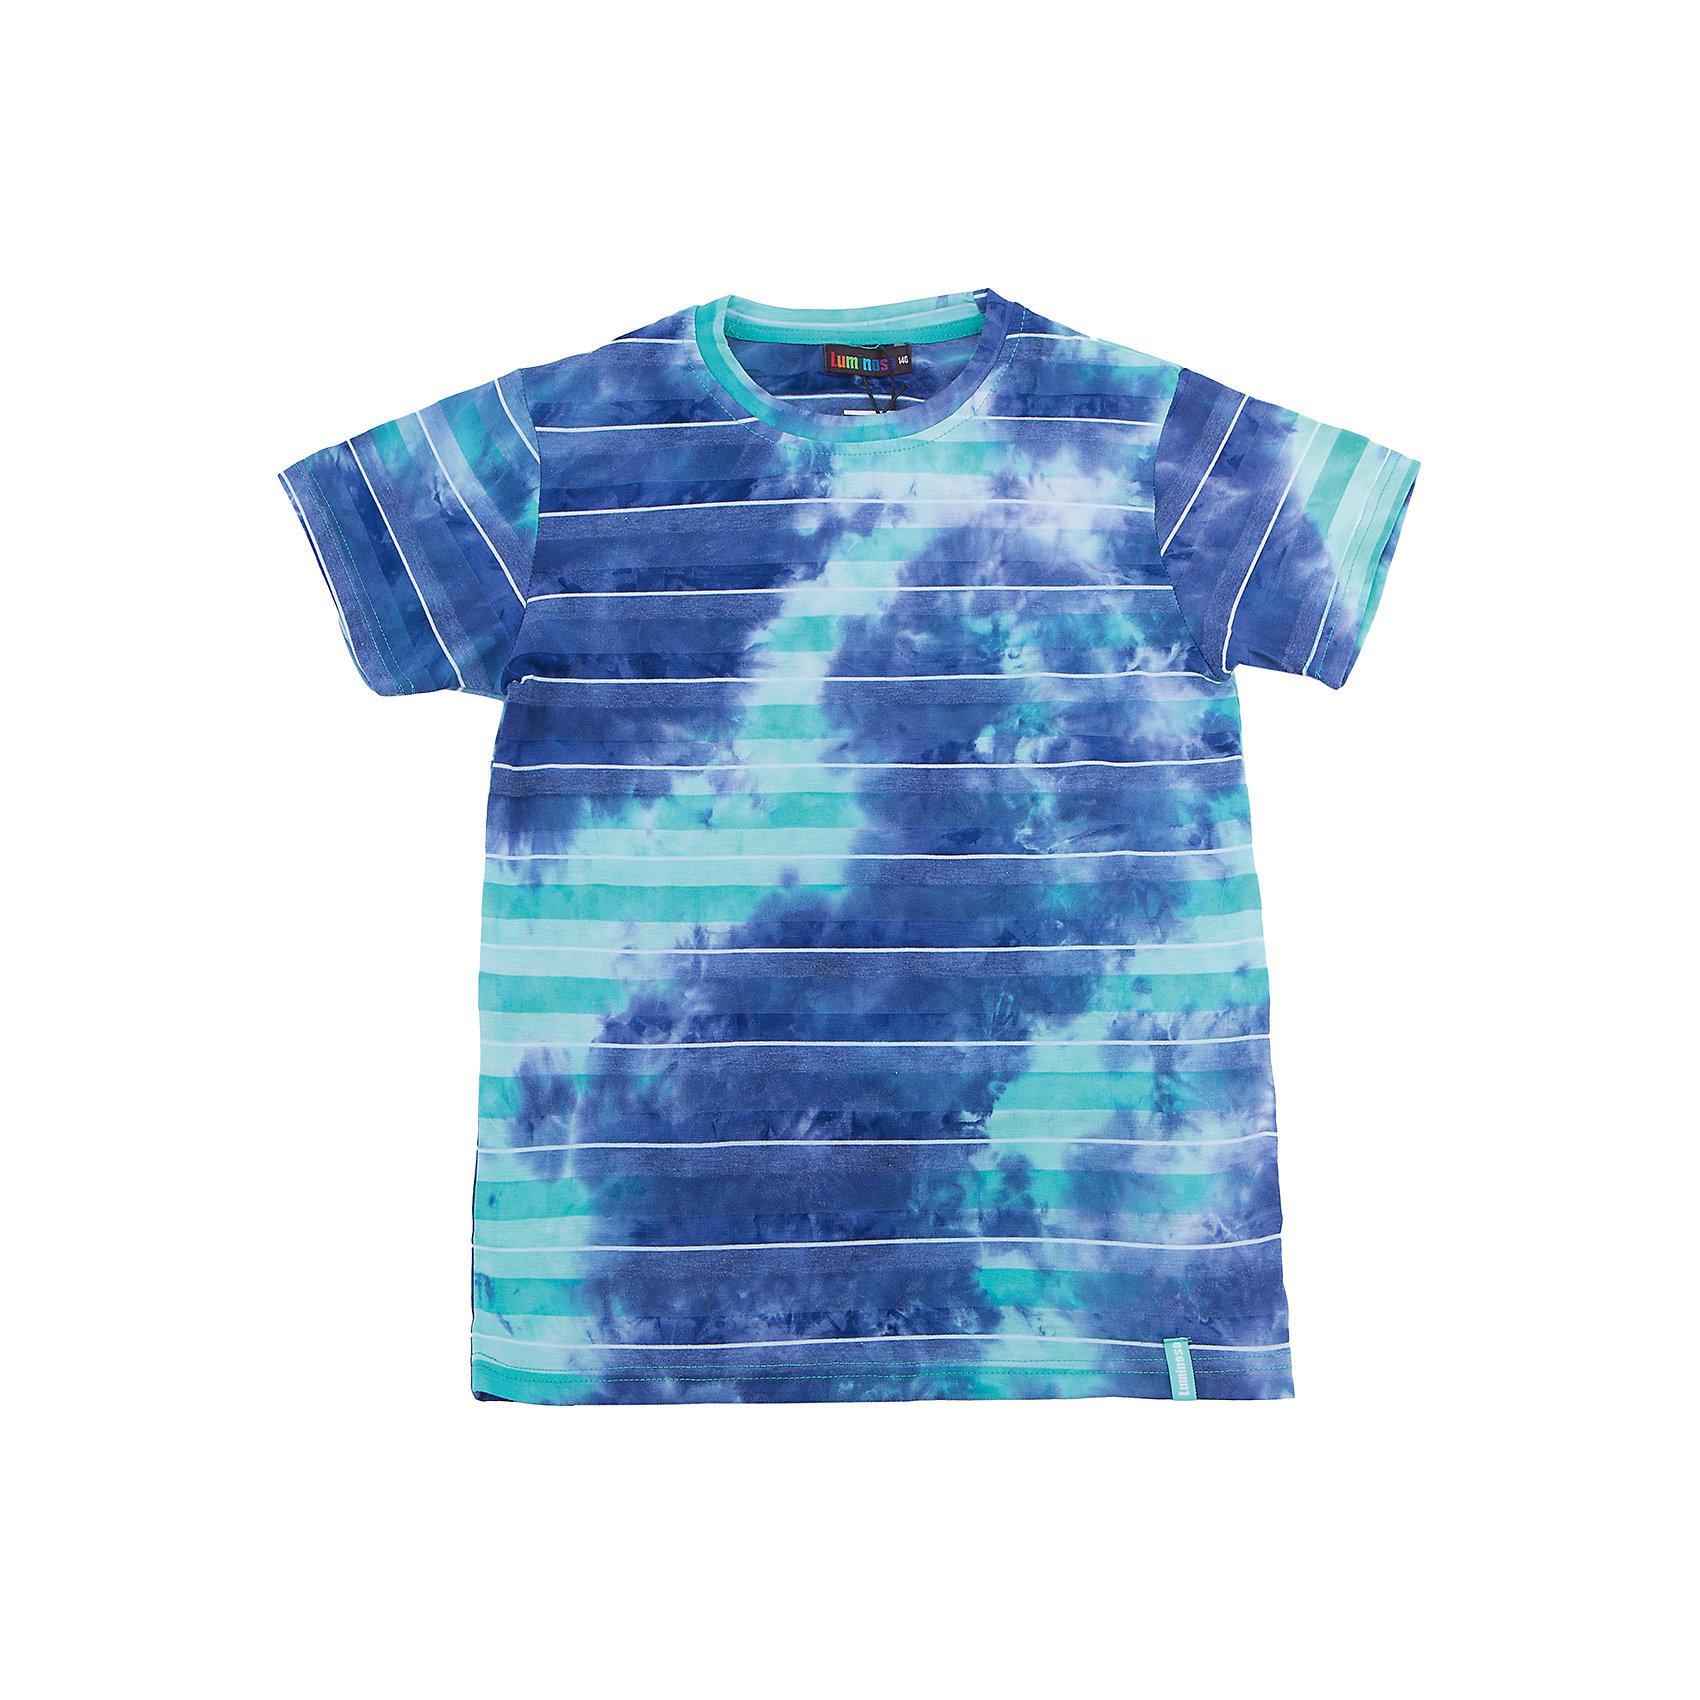 Футболка для мальчика LuminosoФутболки, поло и топы<br>Яркая летняя футболка оригинального дизайна для мальчика. Из мягкого, качественного трикотажа.<br>Состав:<br>95% хлопок 5% эластан<br><br>Ширина мм: 199<br>Глубина мм: 10<br>Высота мм: 161<br>Вес г: 151<br>Цвет: белый<br>Возраст от месяцев: 96<br>Возраст до месяцев: 108<br>Пол: Мужской<br>Возраст: Детский<br>Размер: 134,140,146,152,158,164<br>SKU: 5409824